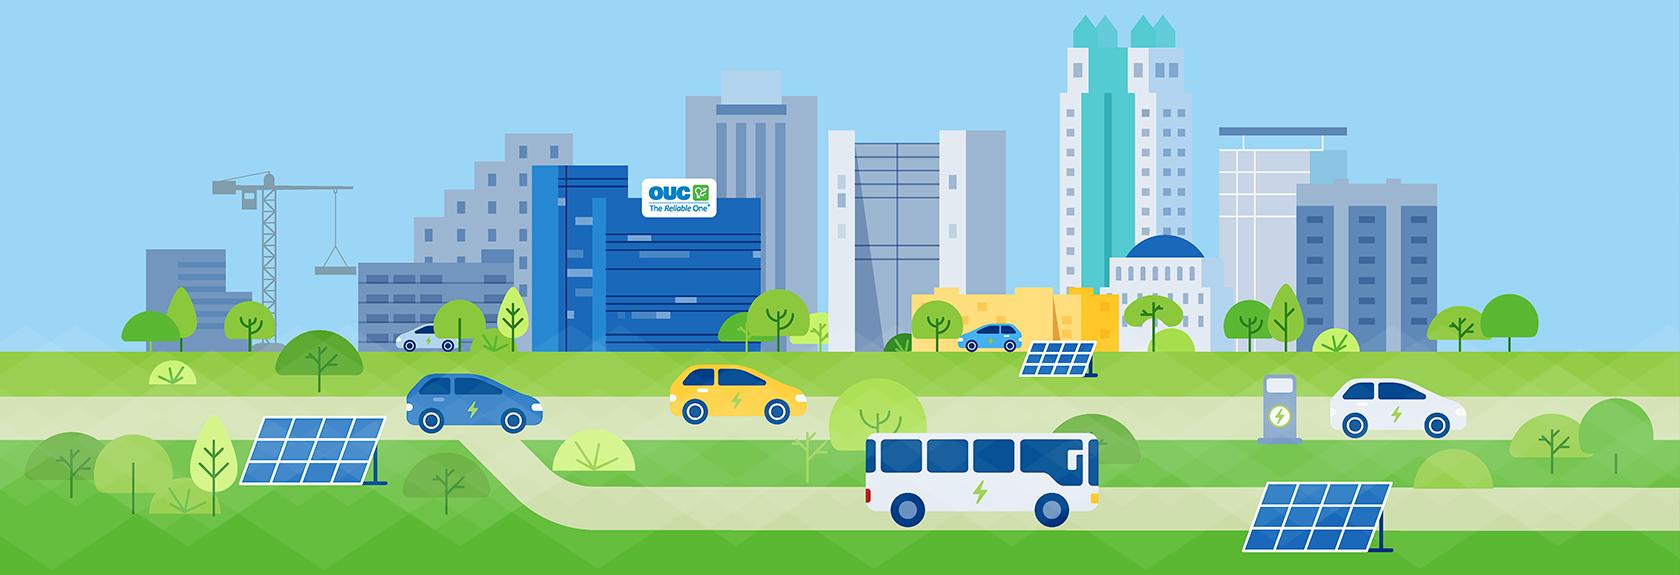 ouc_energy_future